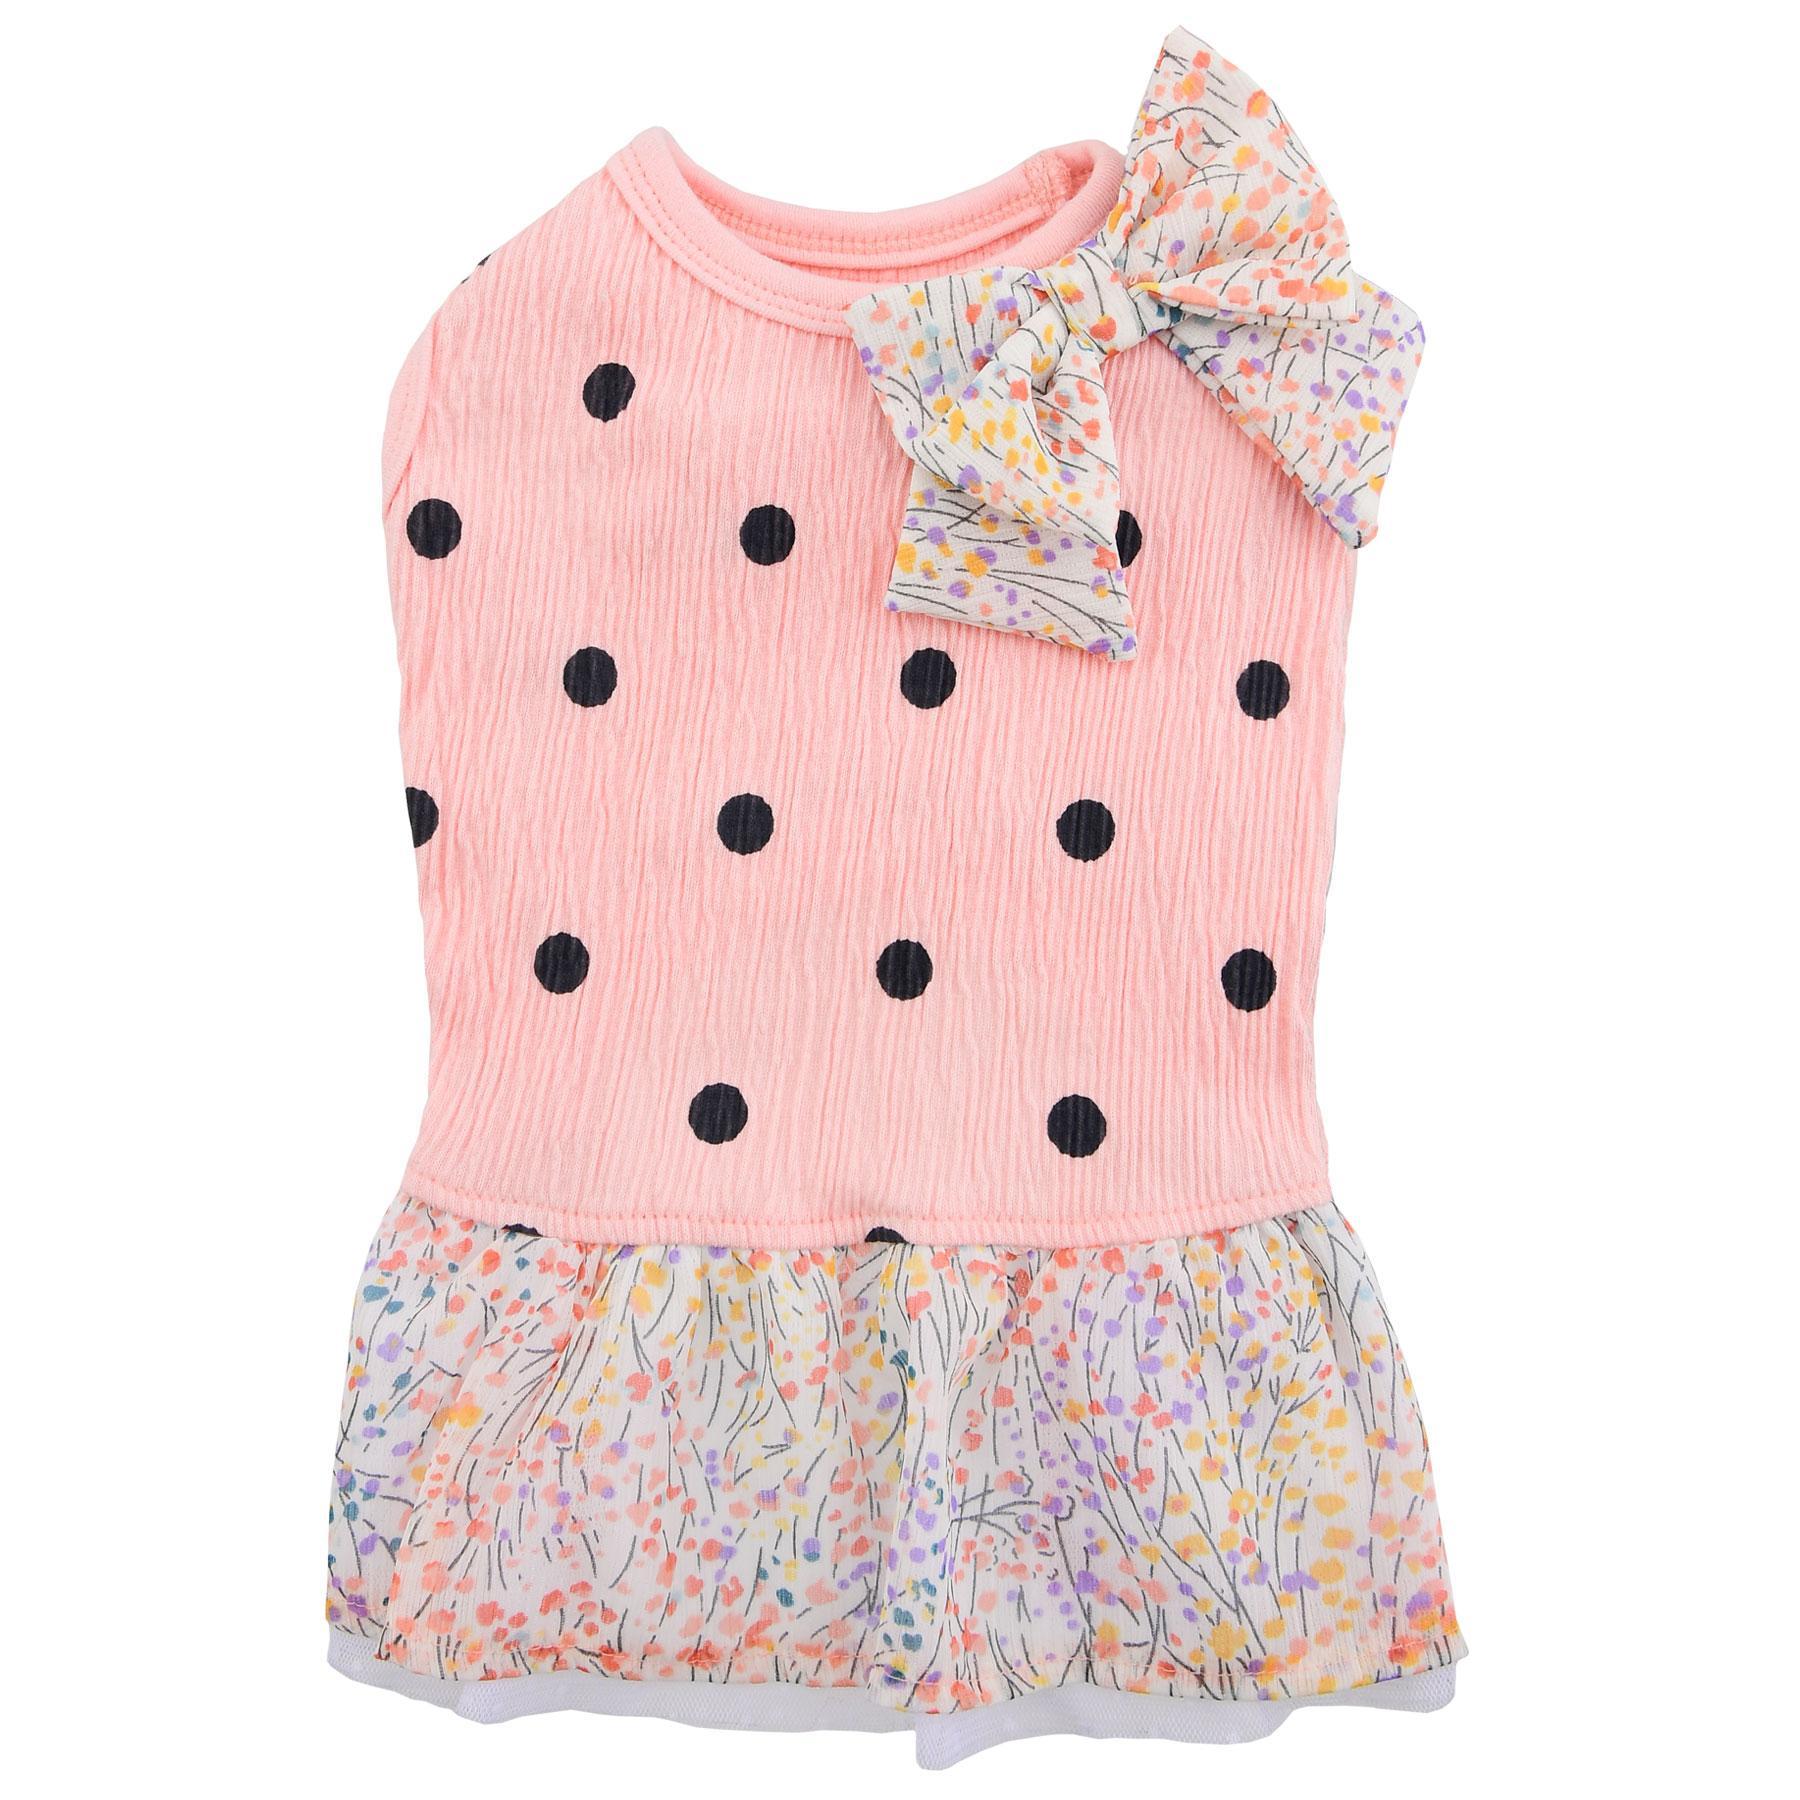 Tella Dog Dress by Pinkaholic - Pink